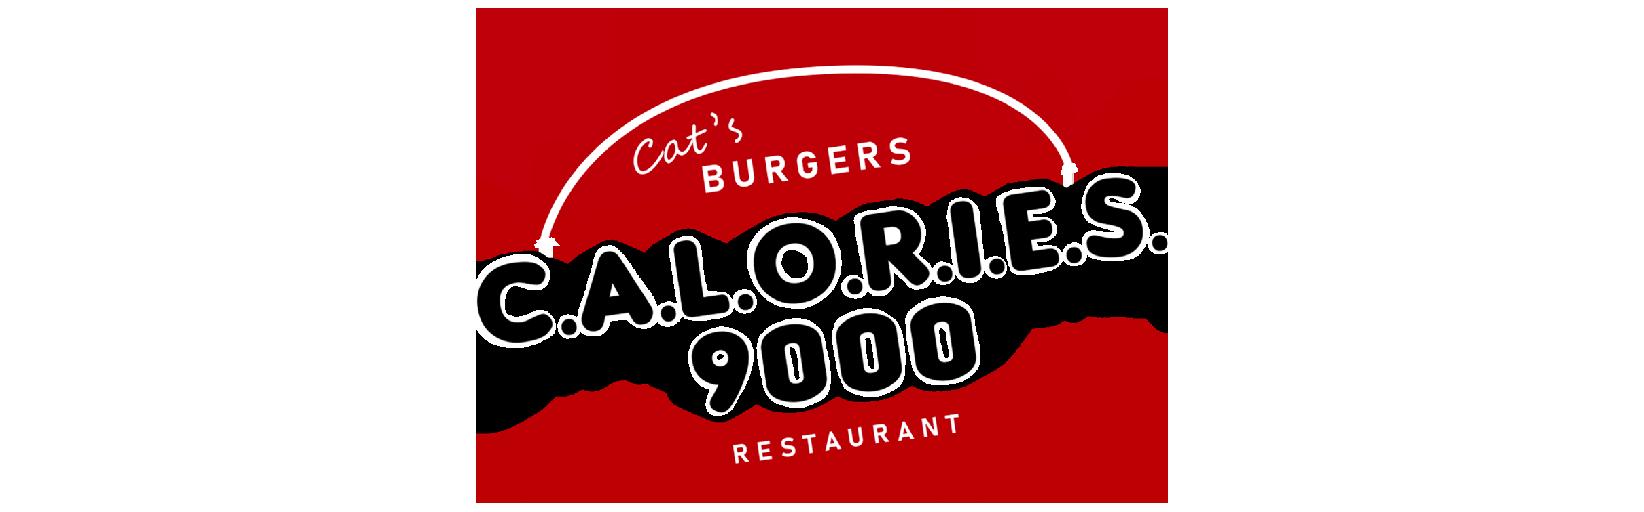 C.A.L.O.R.I.E.S. 9000